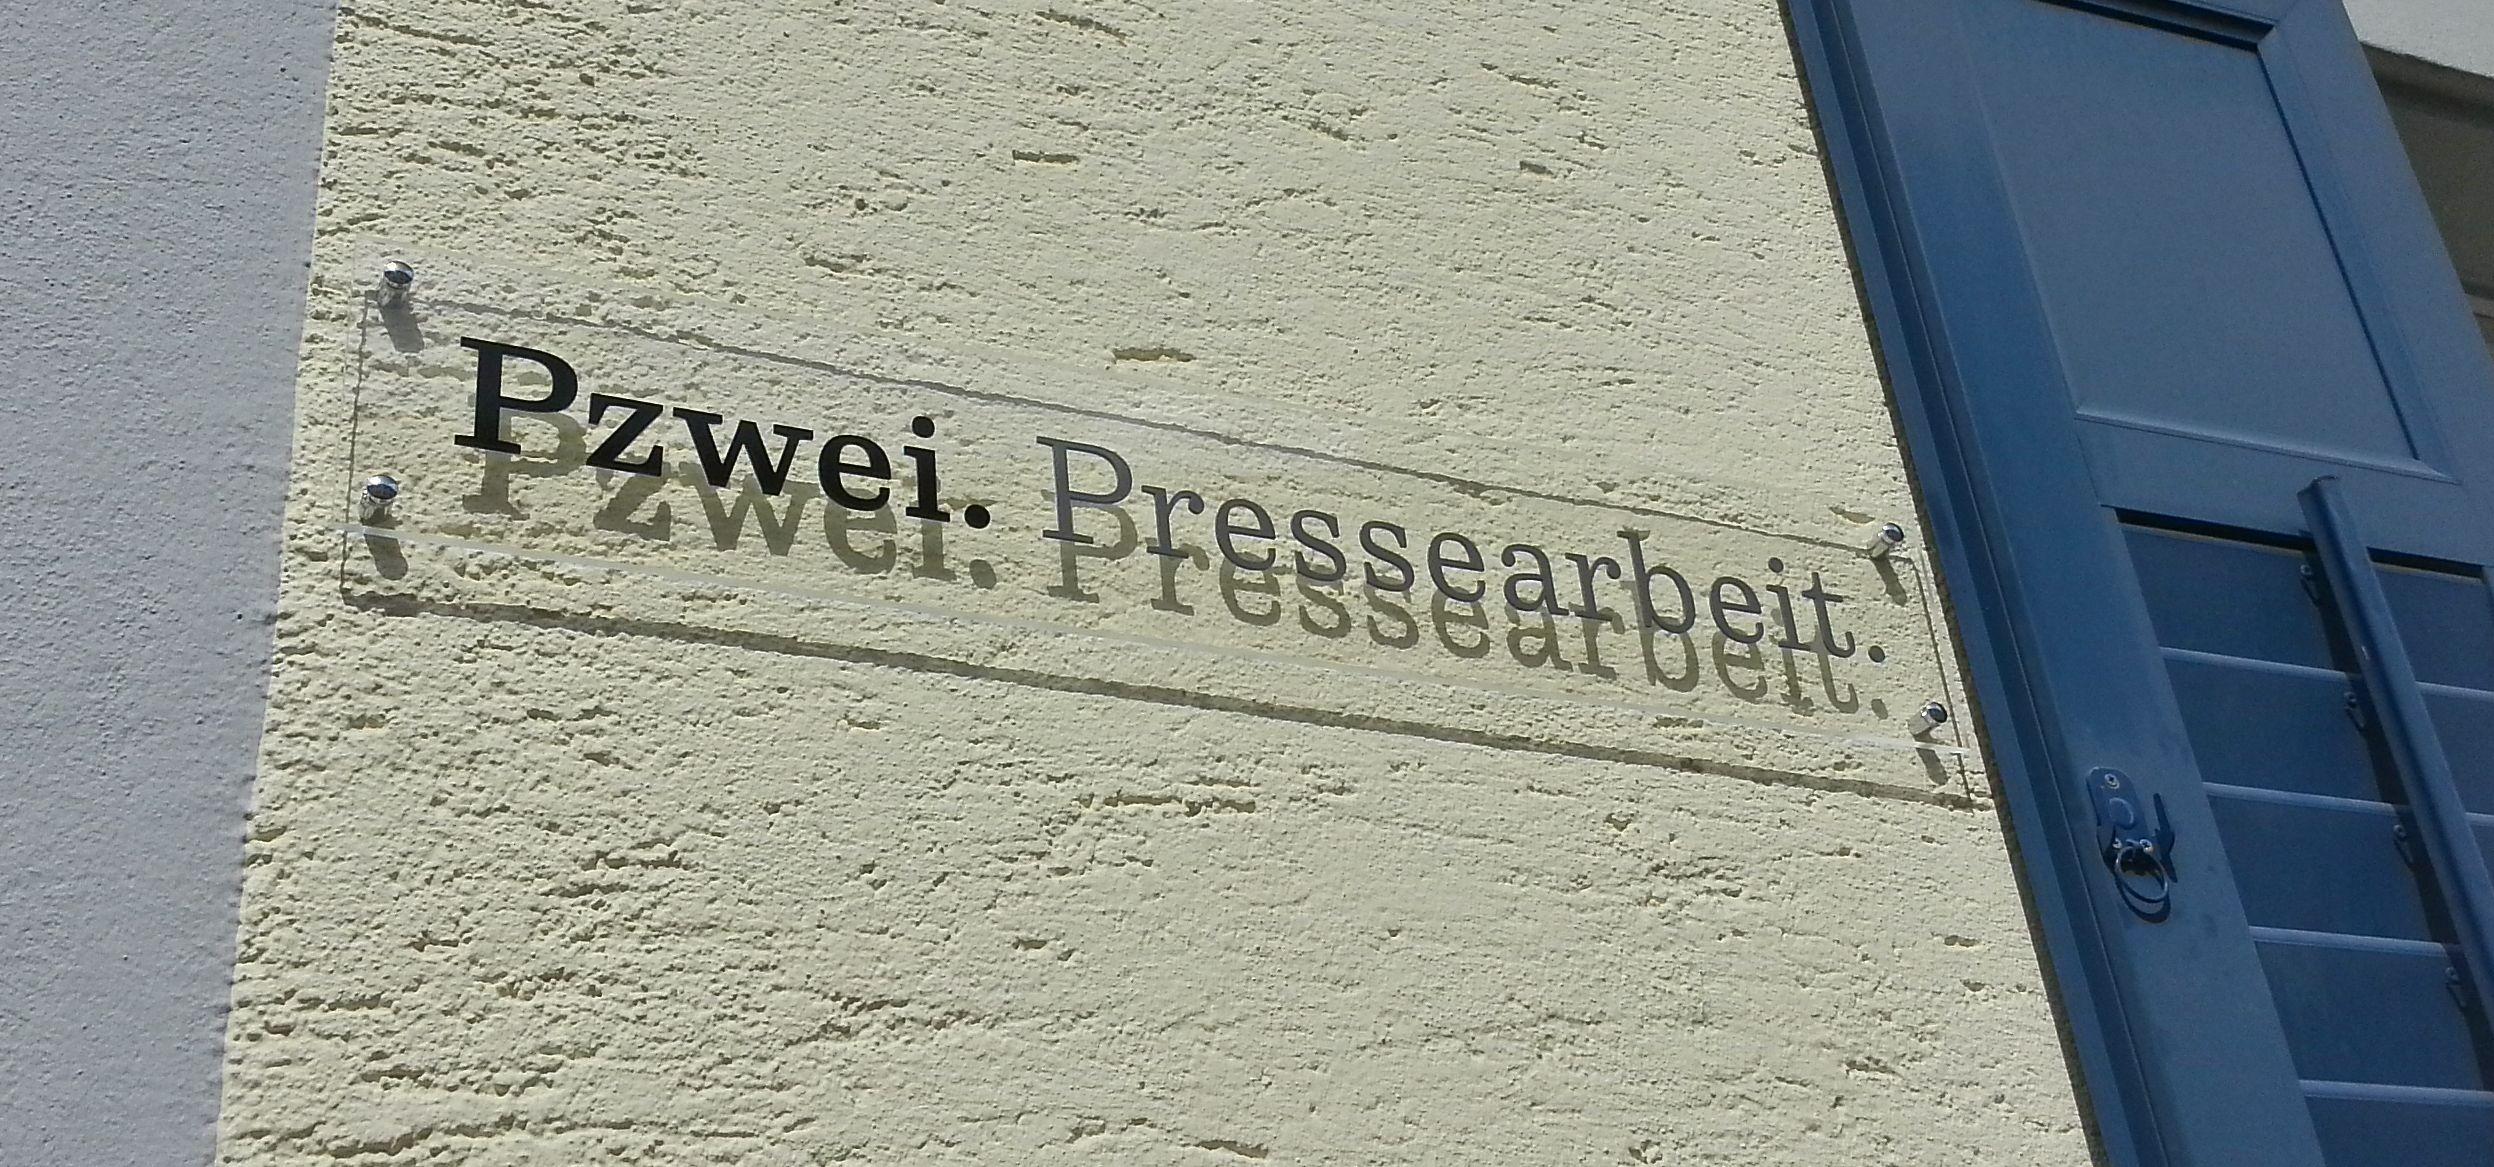 Firmenschild Pzwei. Pressearbeit.